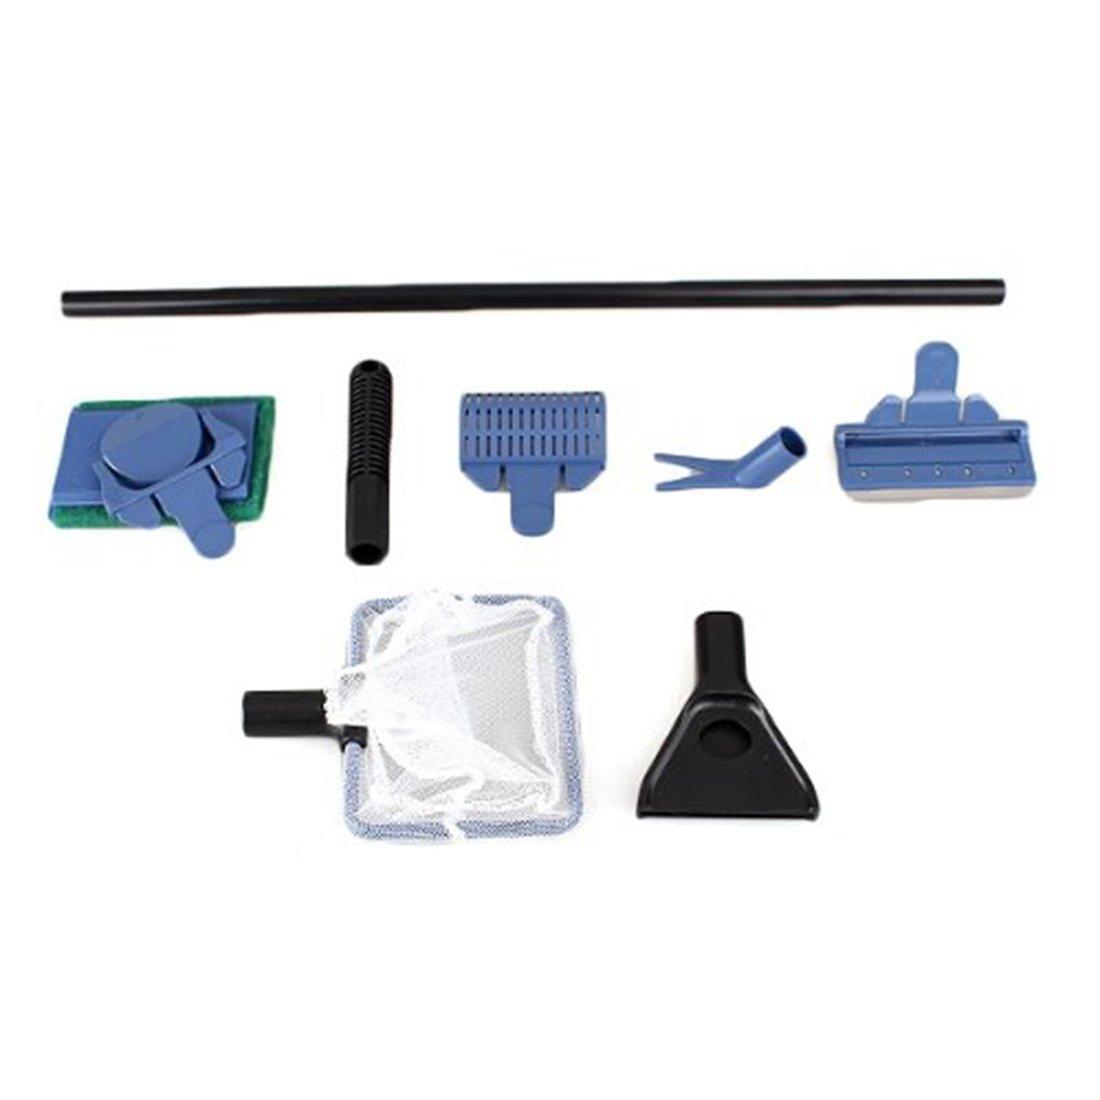 kit limpieza acuario 5 en 1 limpiador purificador antialgas de acuario pecera estanque de OPEN BUY: Amazon.es: Jardín